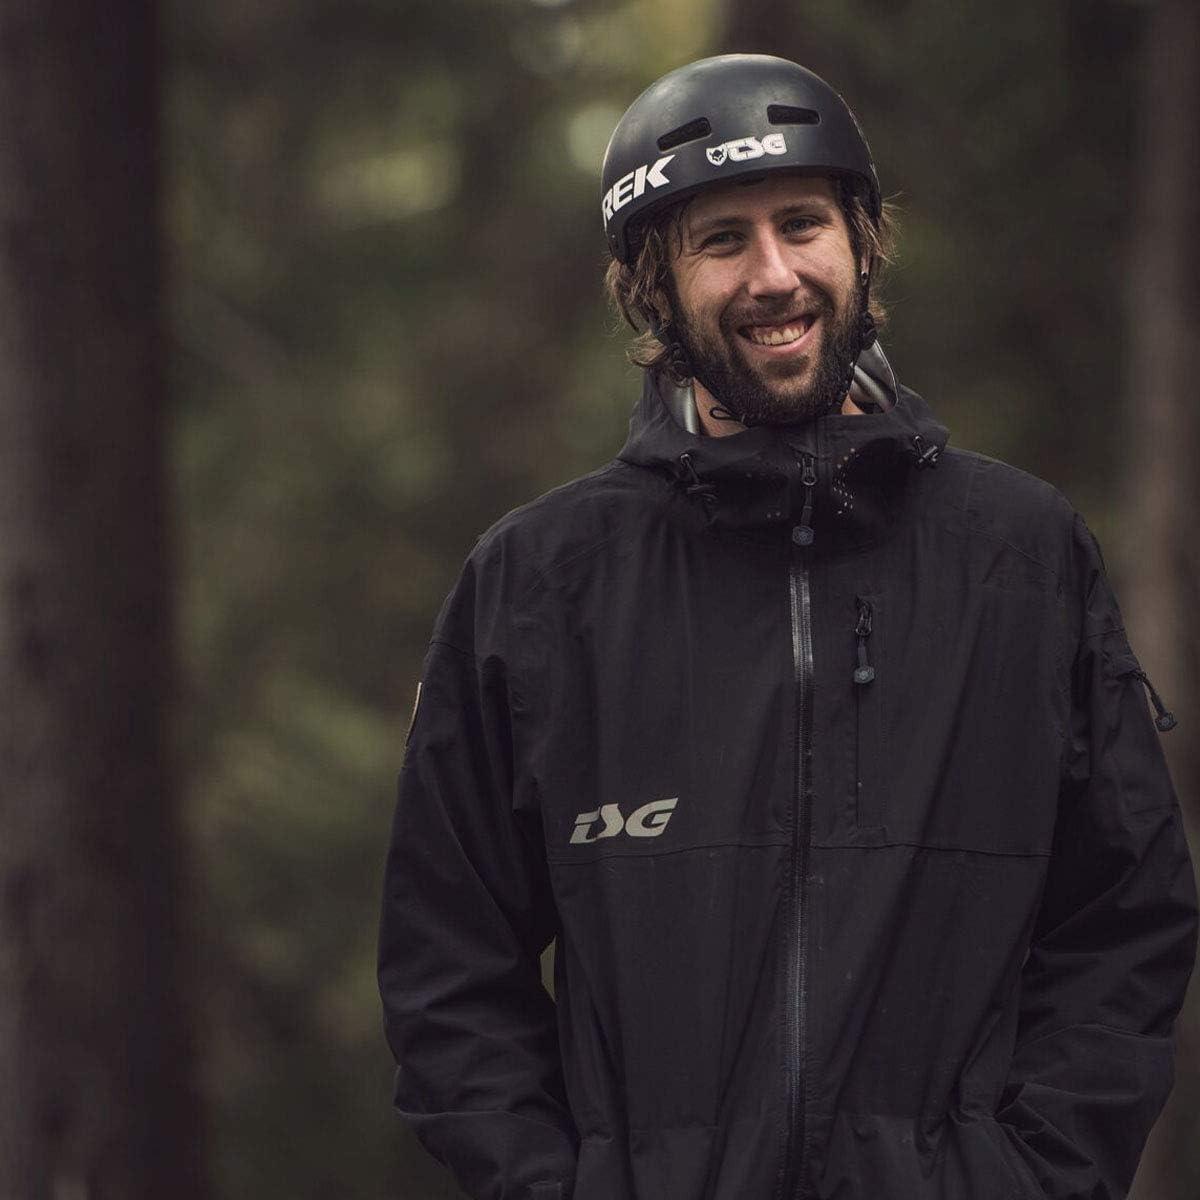 MTB Rollerblade Roller Derby E-Skating Urban TSG Evolution Skate /& Bike Helmet w//Snug Fit /& Triple Cert Cycling for Skateboarding E-Boarding Park Skating Longboarding